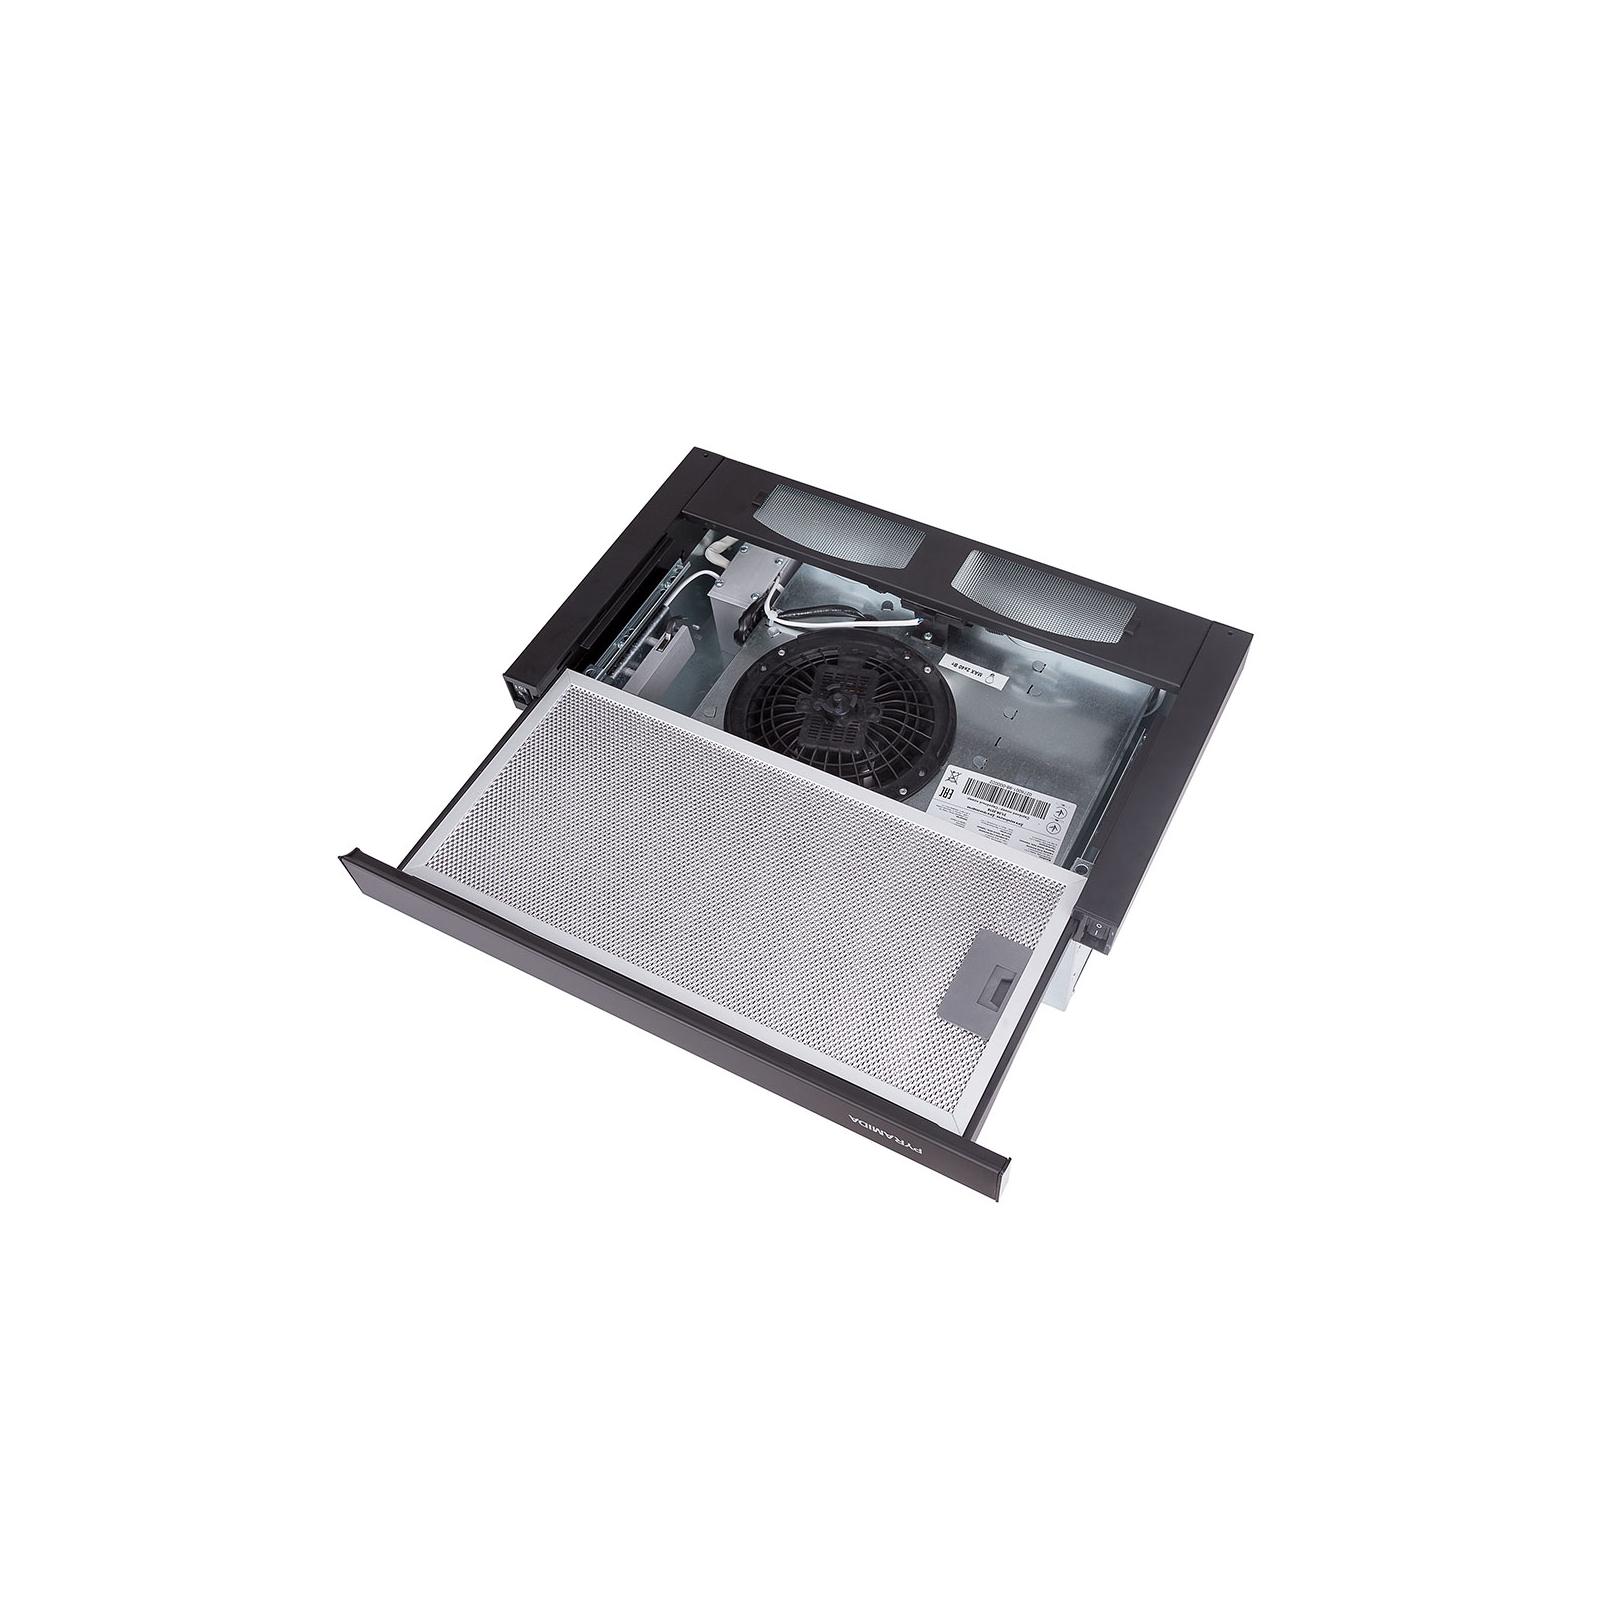 Вытяжка кухонная Pyramida TL 50 SLIM IX изображение 9